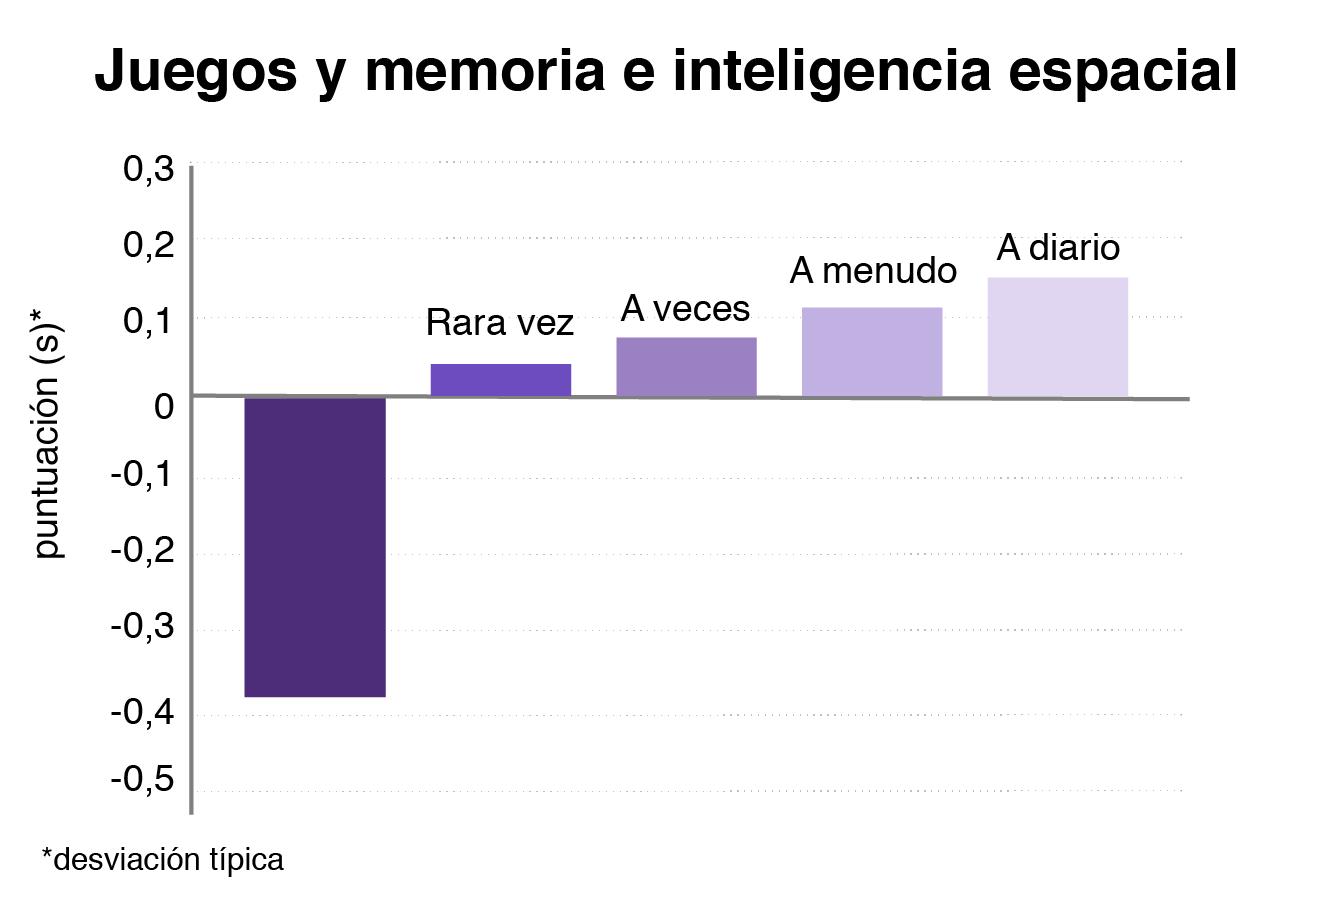 Gráfico que muestra cómo entre más juegas por computador, mejor memoria e inteligencia espacial tienes